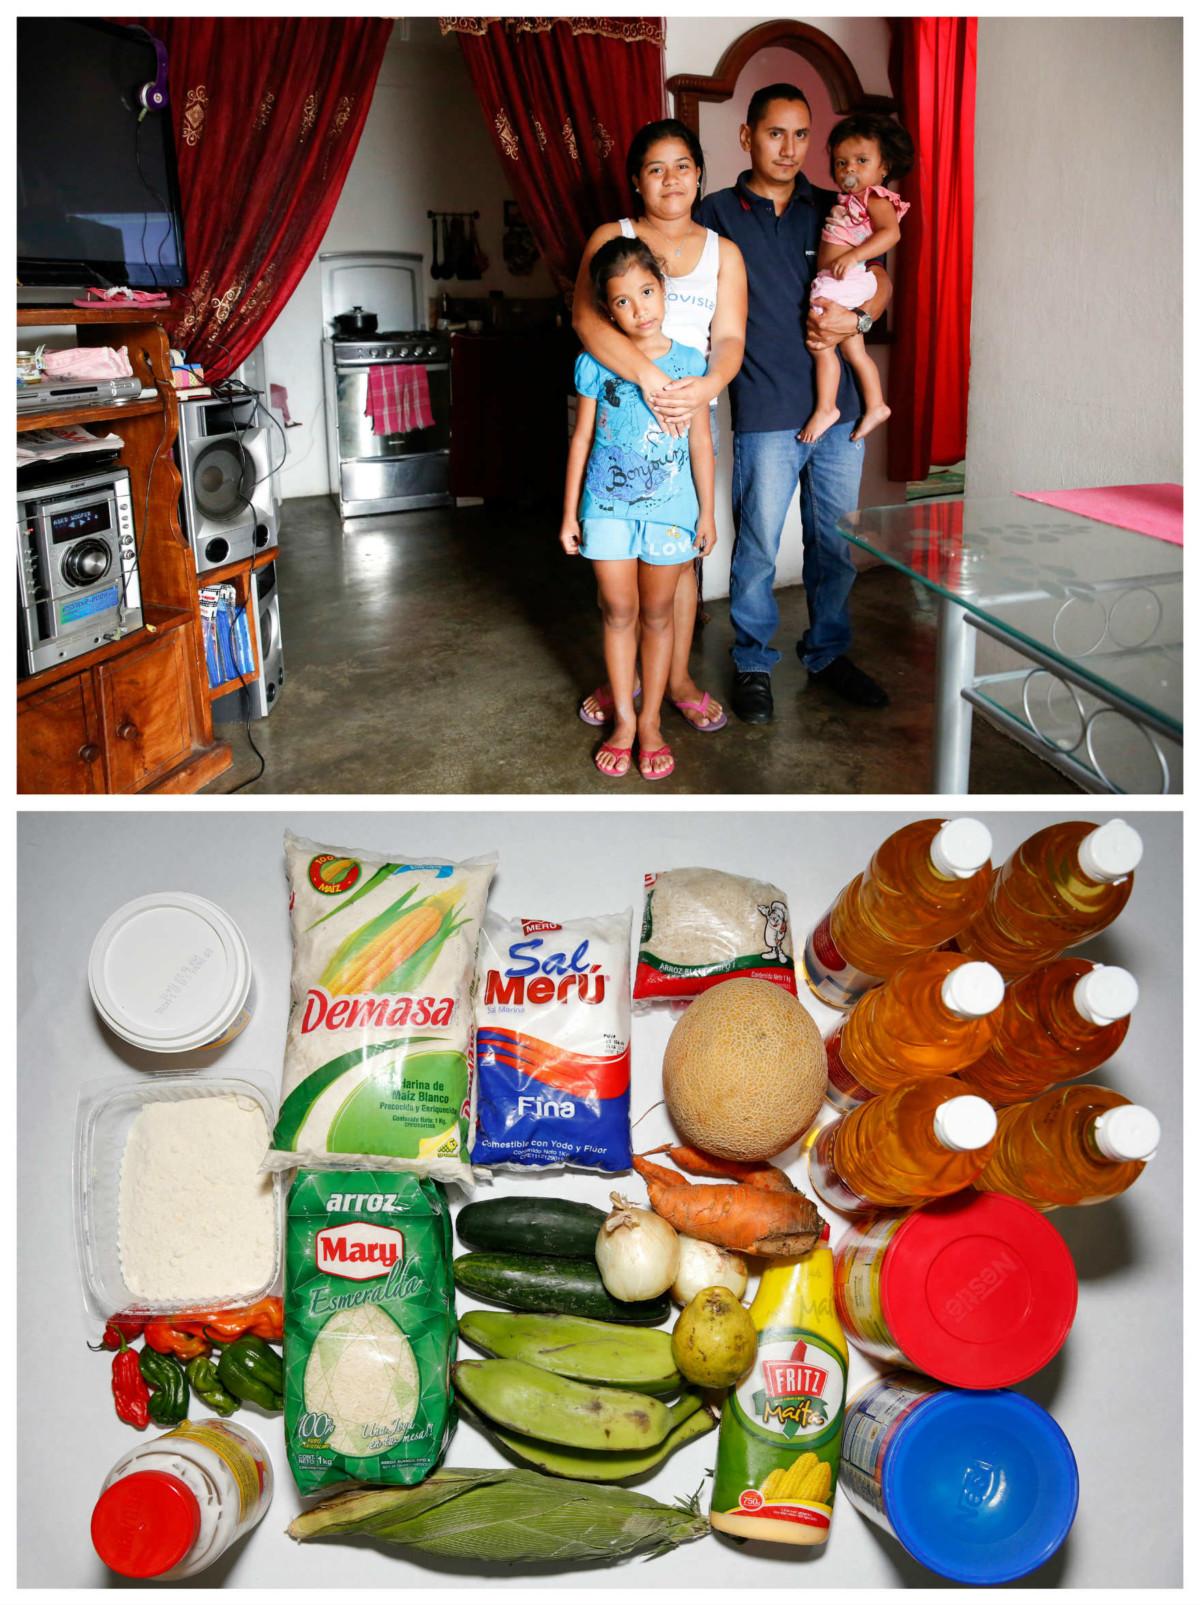 Lender Perez 一家:「我們一連 15 日都在吃芝士麵包或是芝士栗米麵包。飲食質素差了,因為我們找不到食物,找得到的又買不起。」